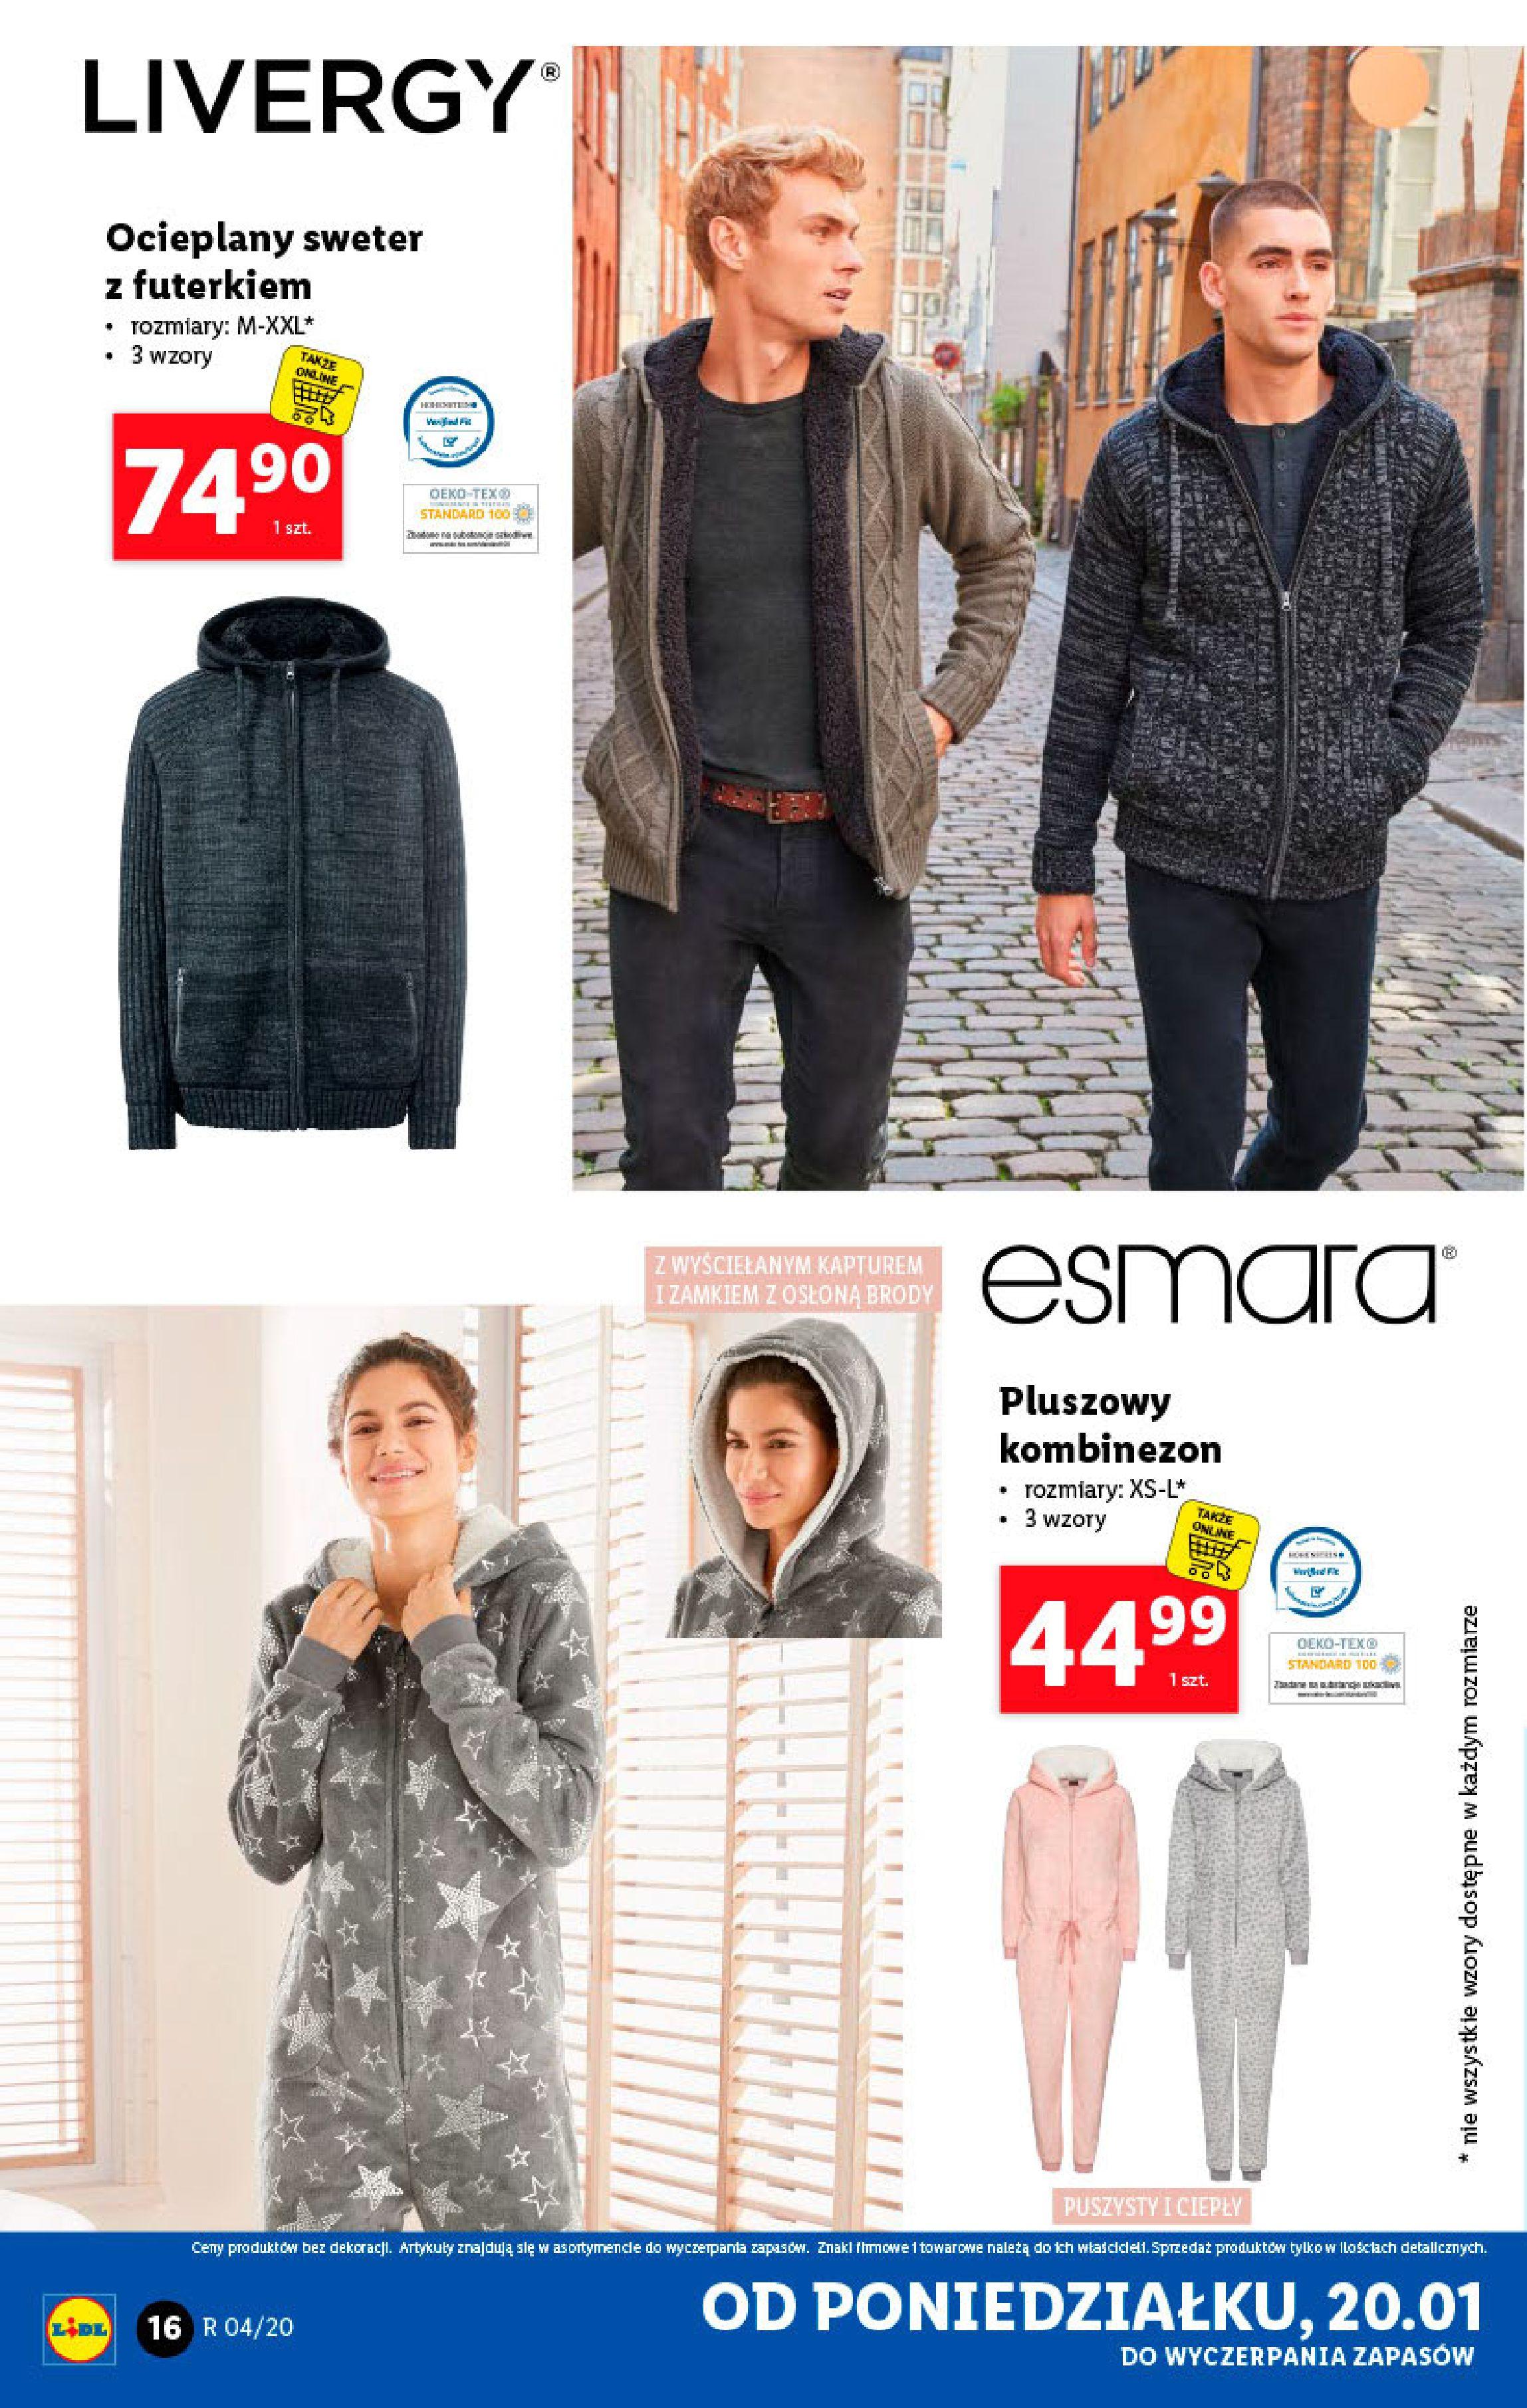 Gazetka Lidl - Katalog od poniedziałku-19.01.2020-26.01.2020-page-16